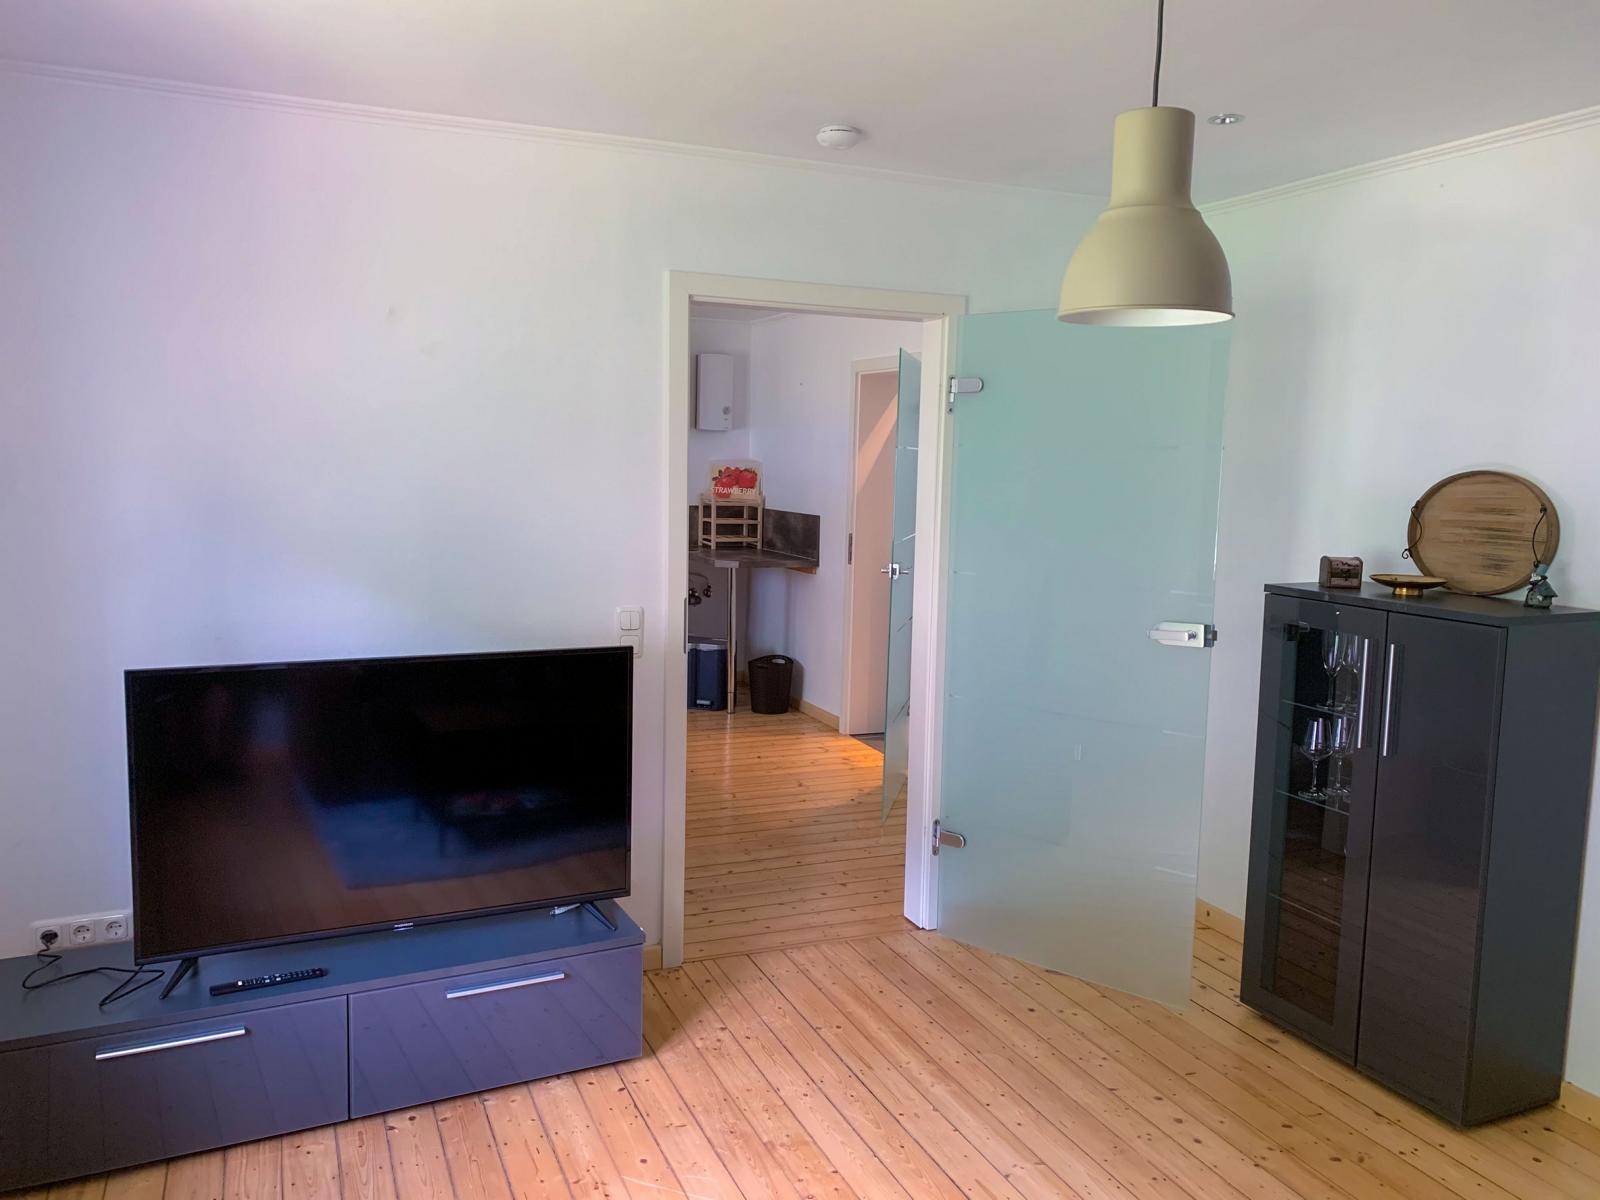 wohnzimmer-mit-fernsehen-1